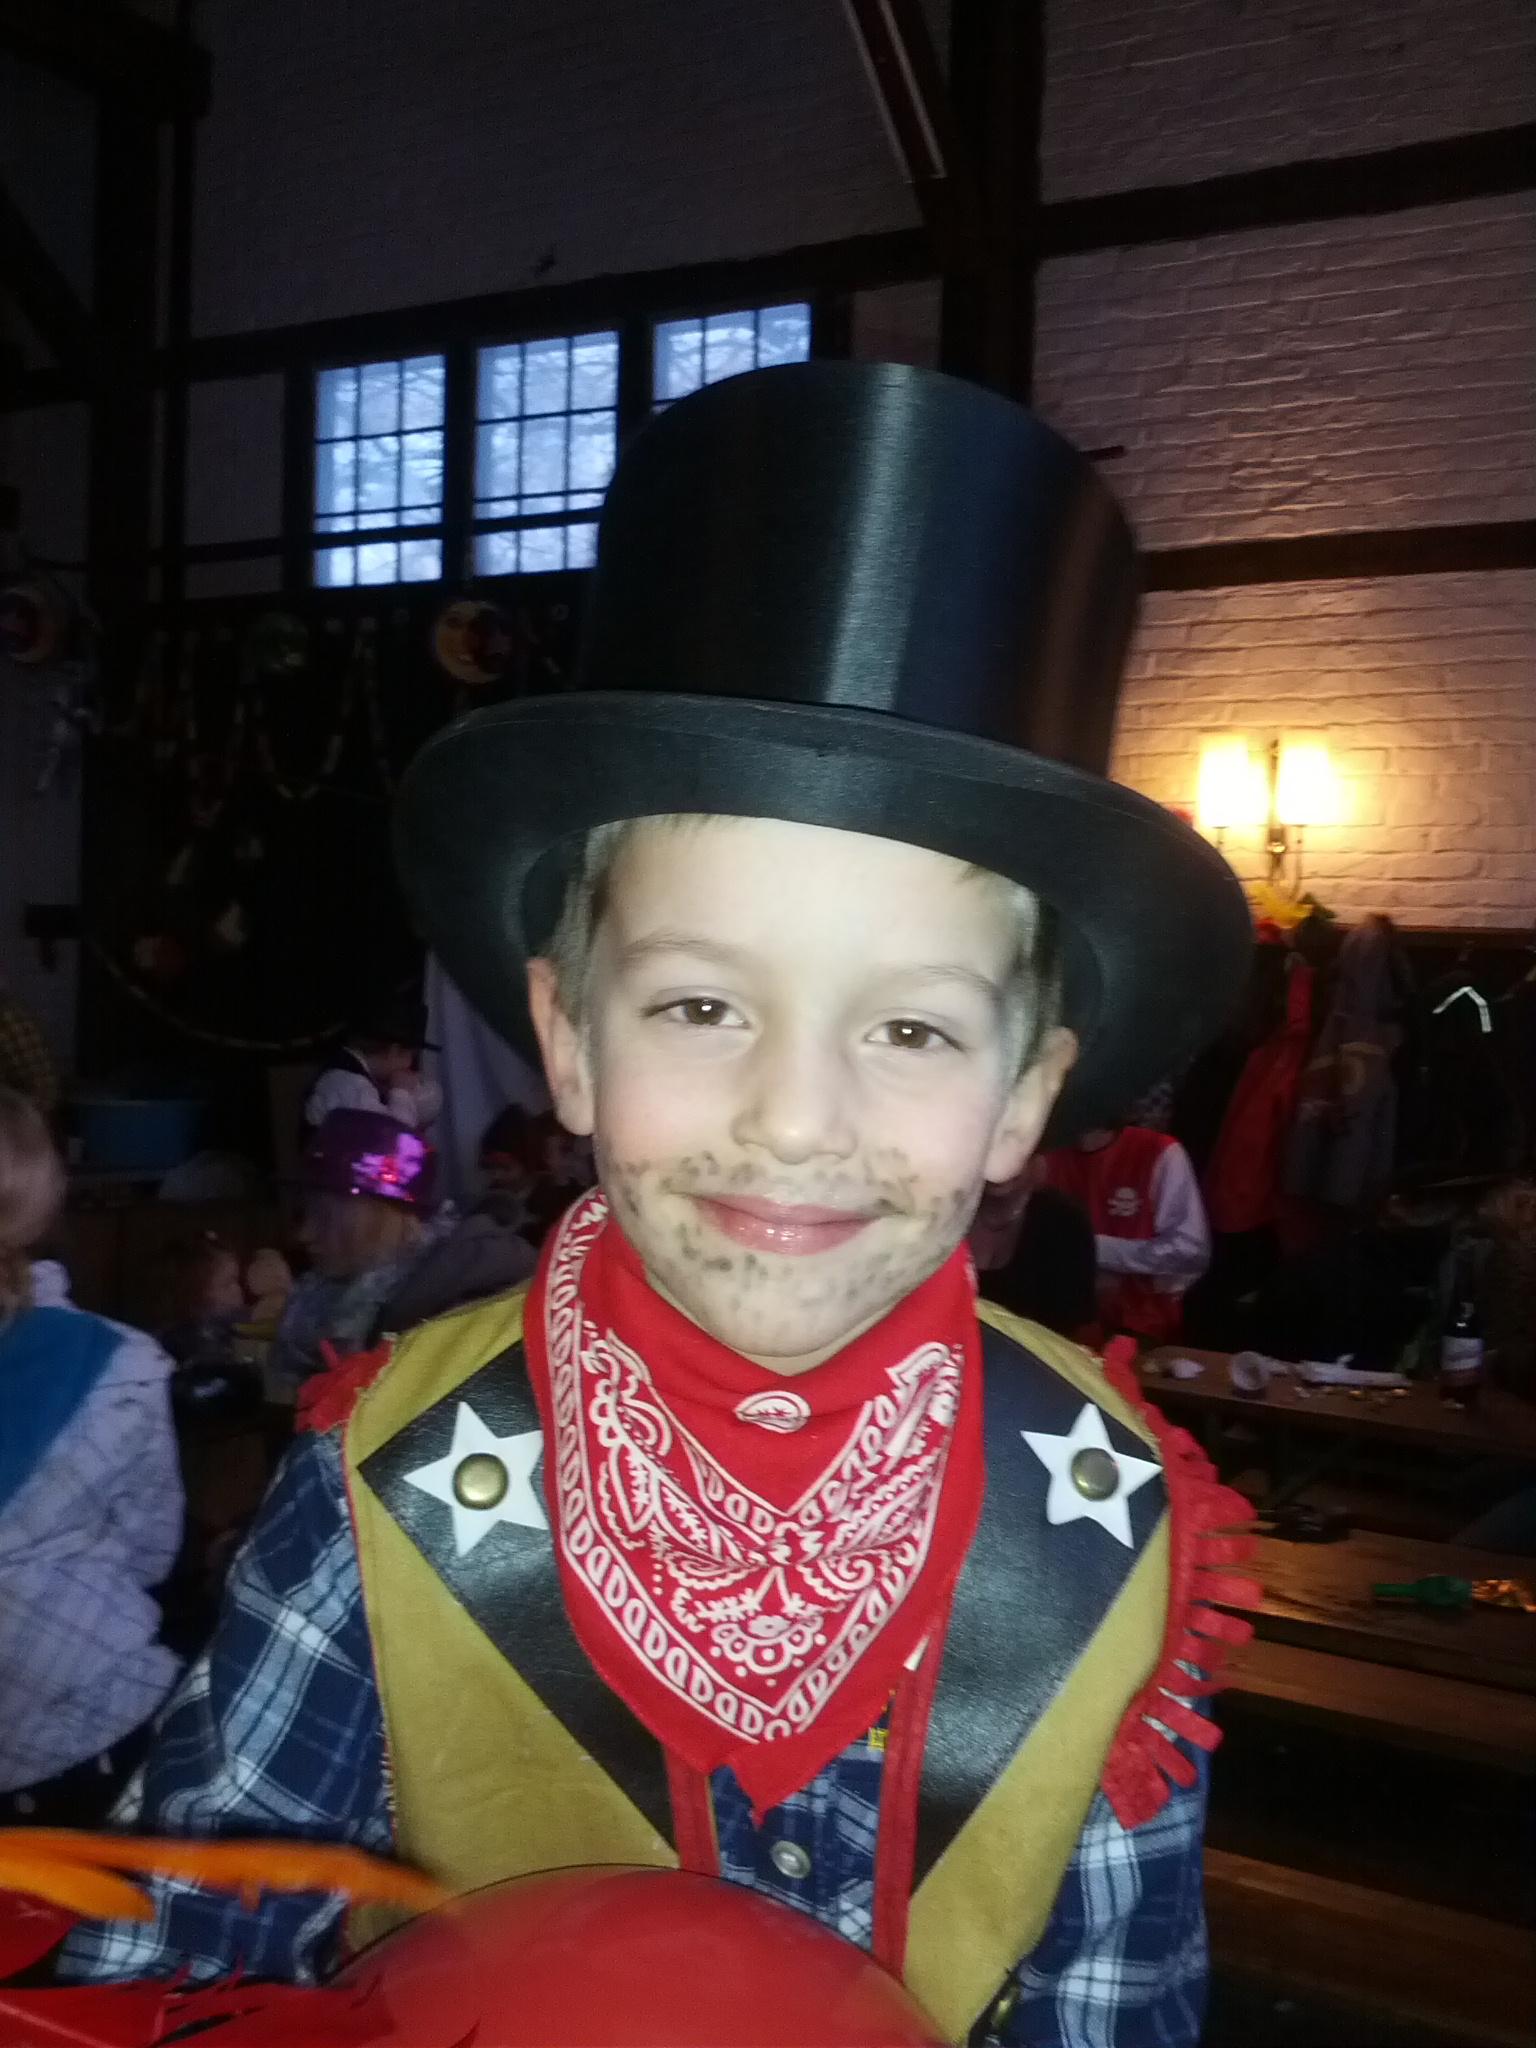 Der Cowboy mit falscher Kopfbedeckung!